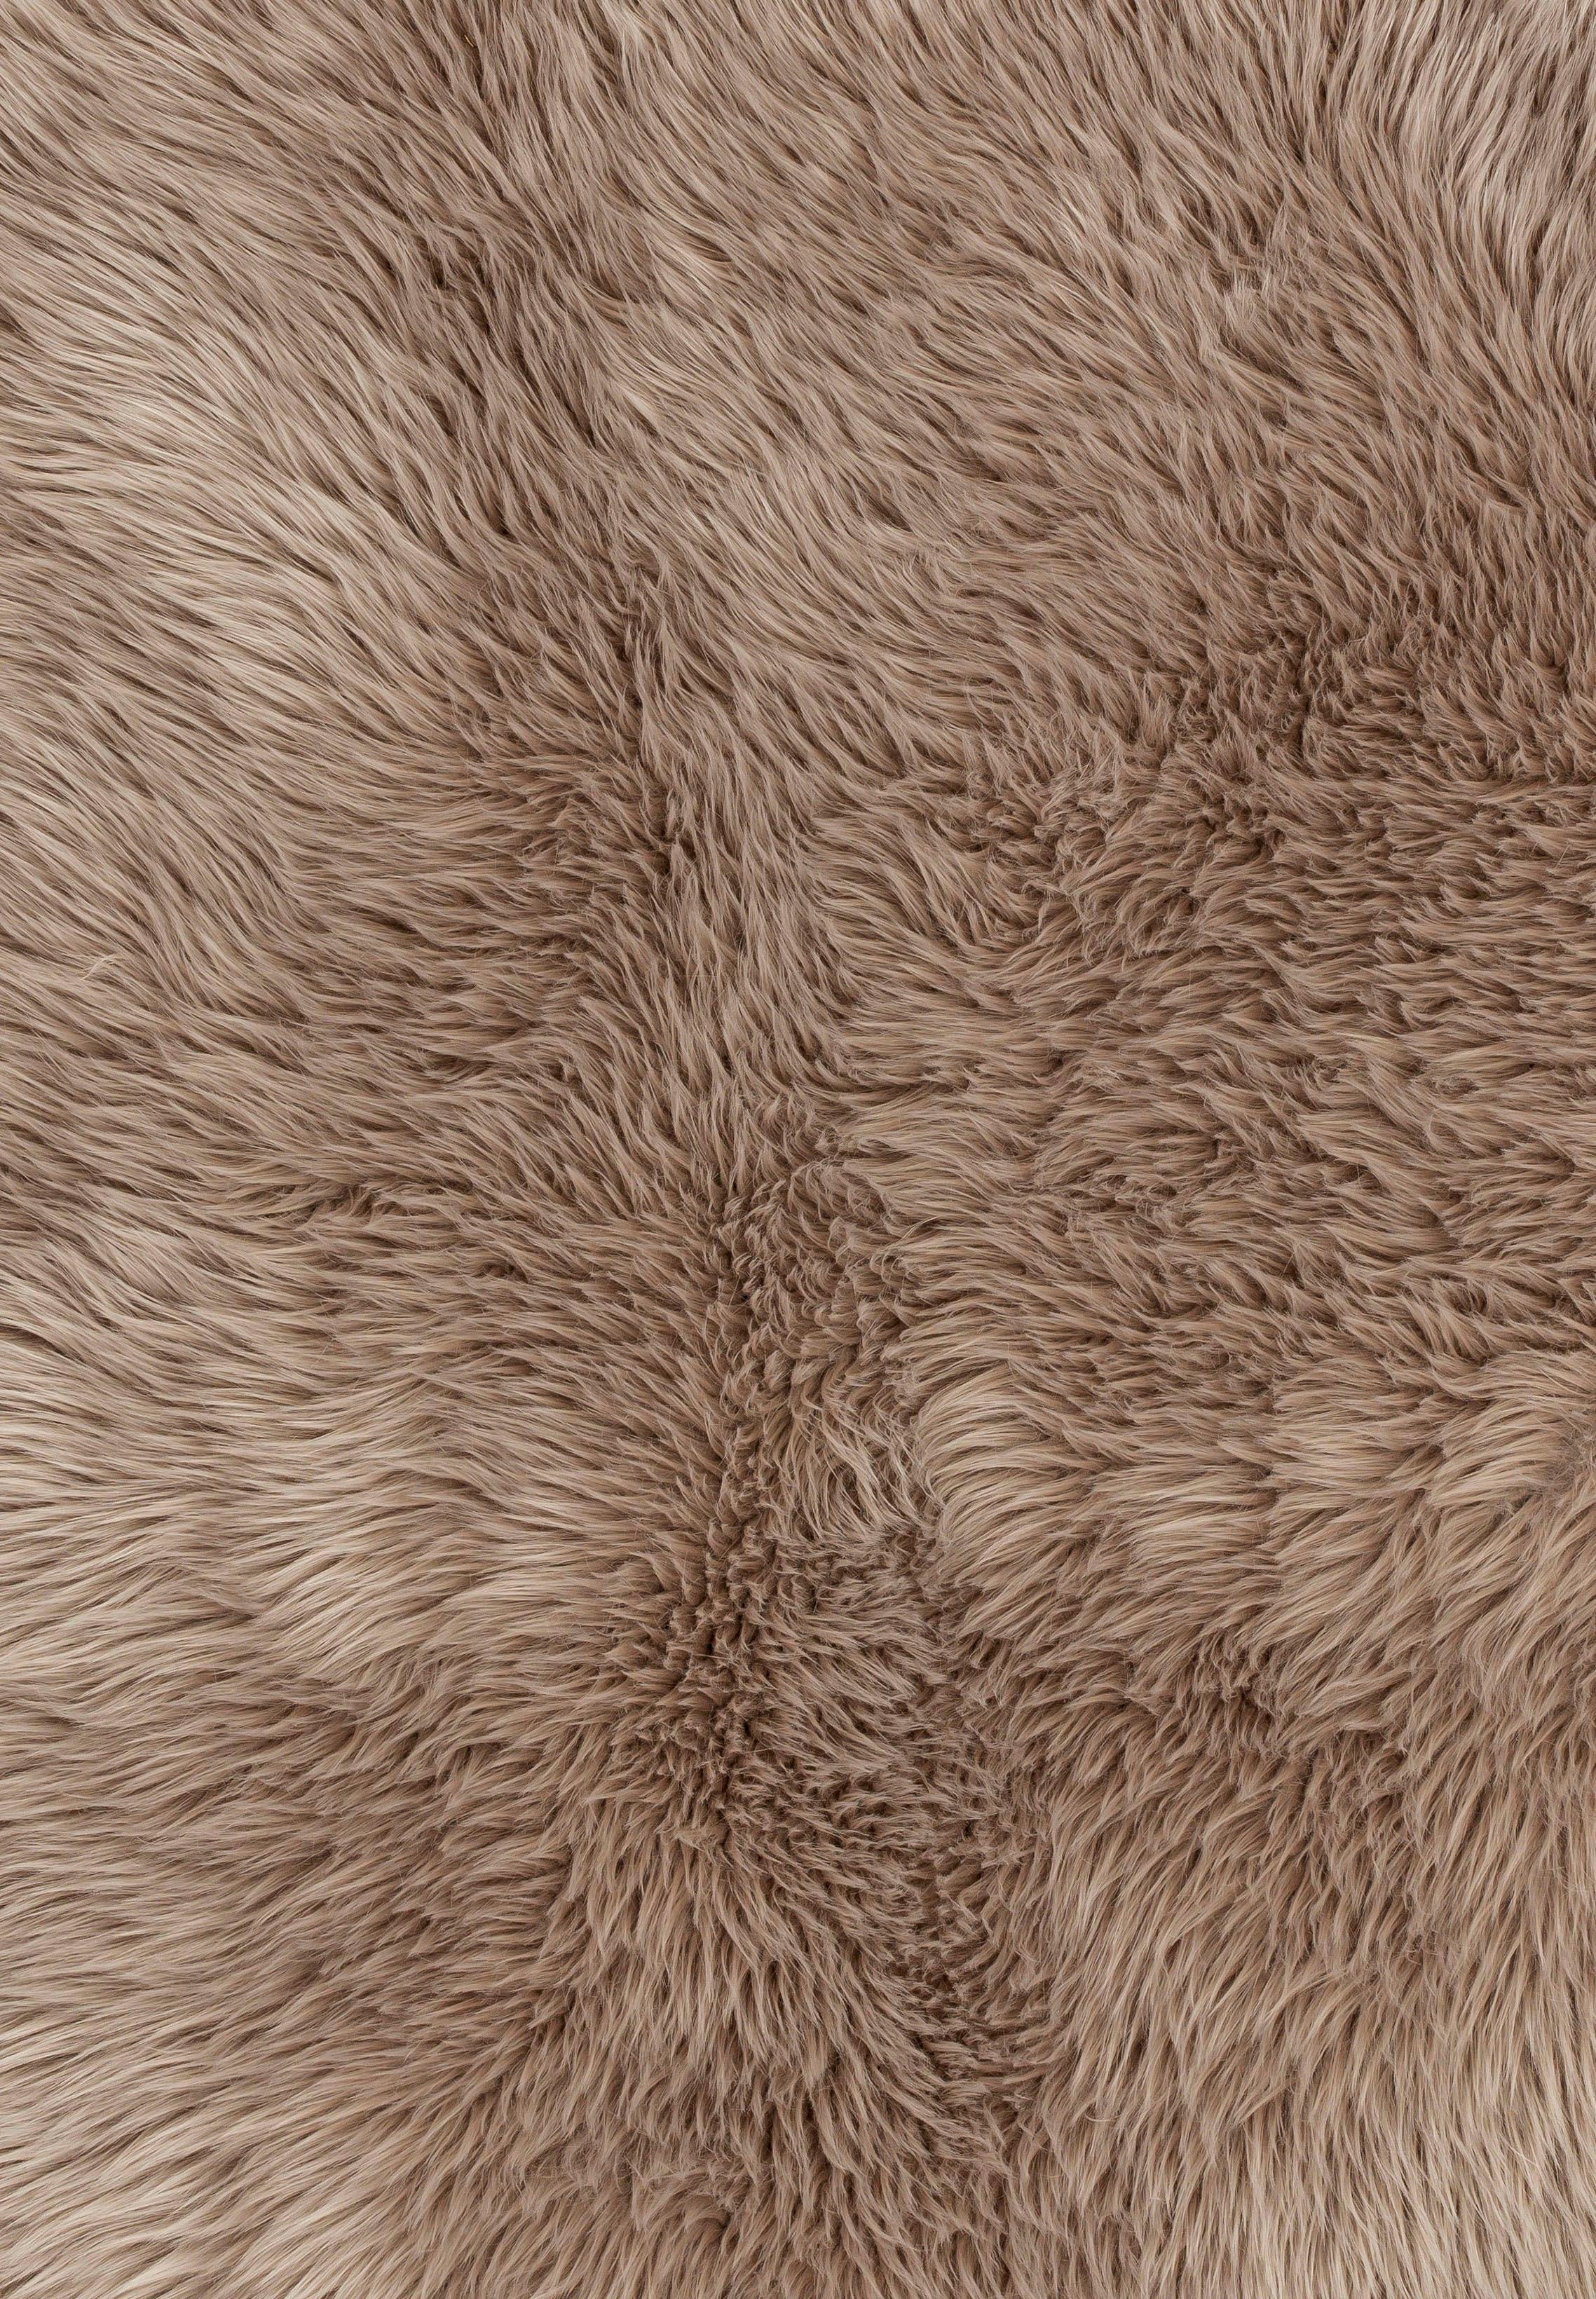 Image of ASTRA Fellteppich »Mia«, rechteckig, 50 mm Höhe, Kunstfell, waschbar, Wunschmass, Wohnzimmer